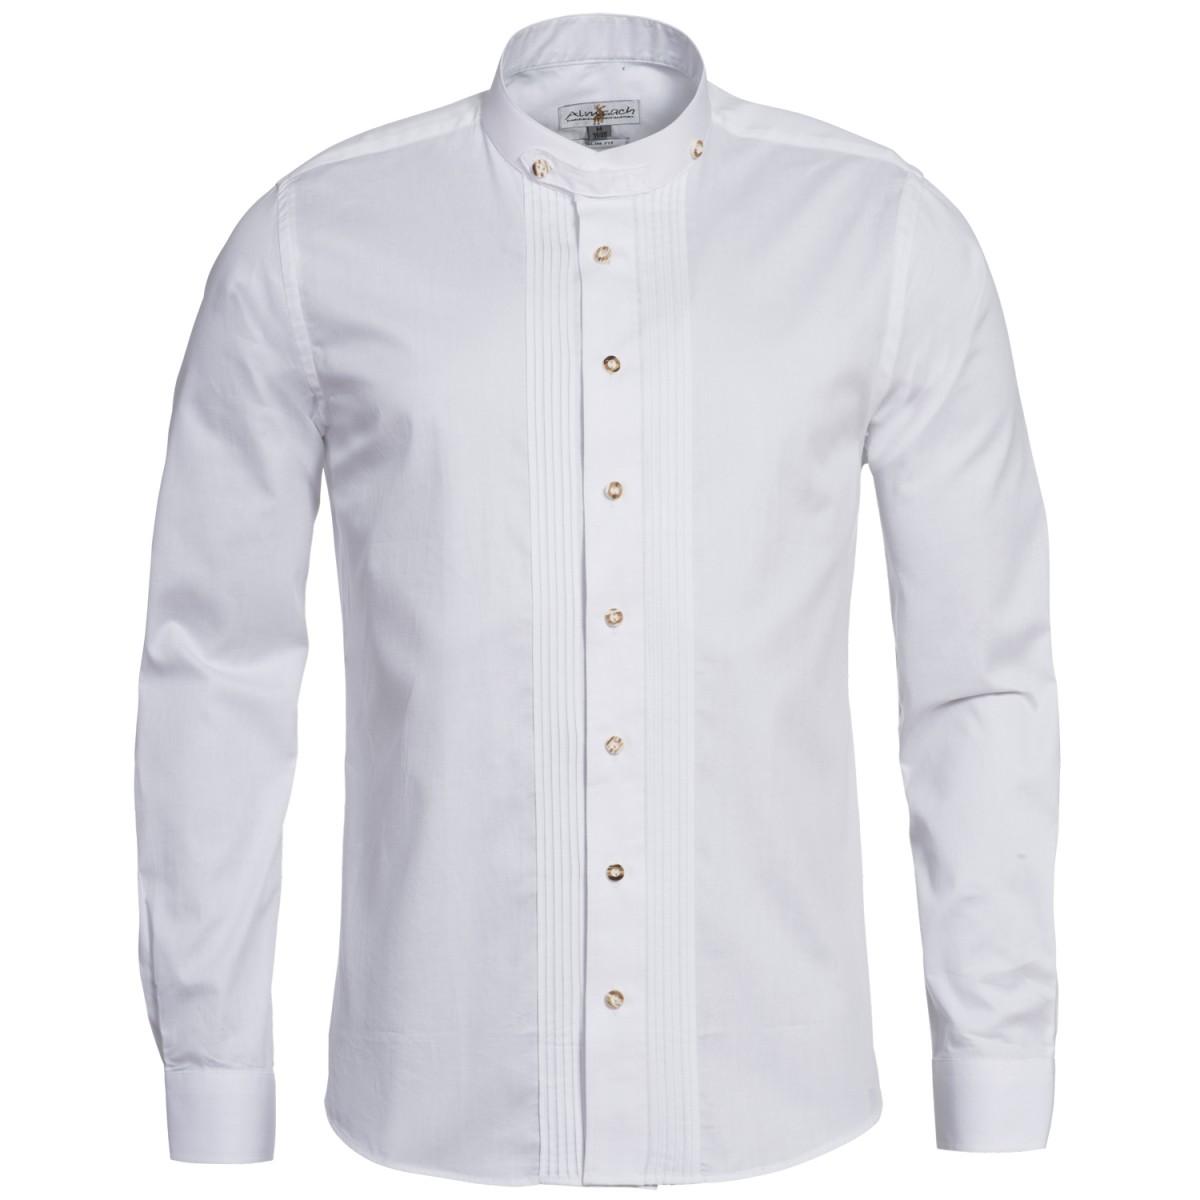 weißes TRachtenhemd mit Riegel von Almsach